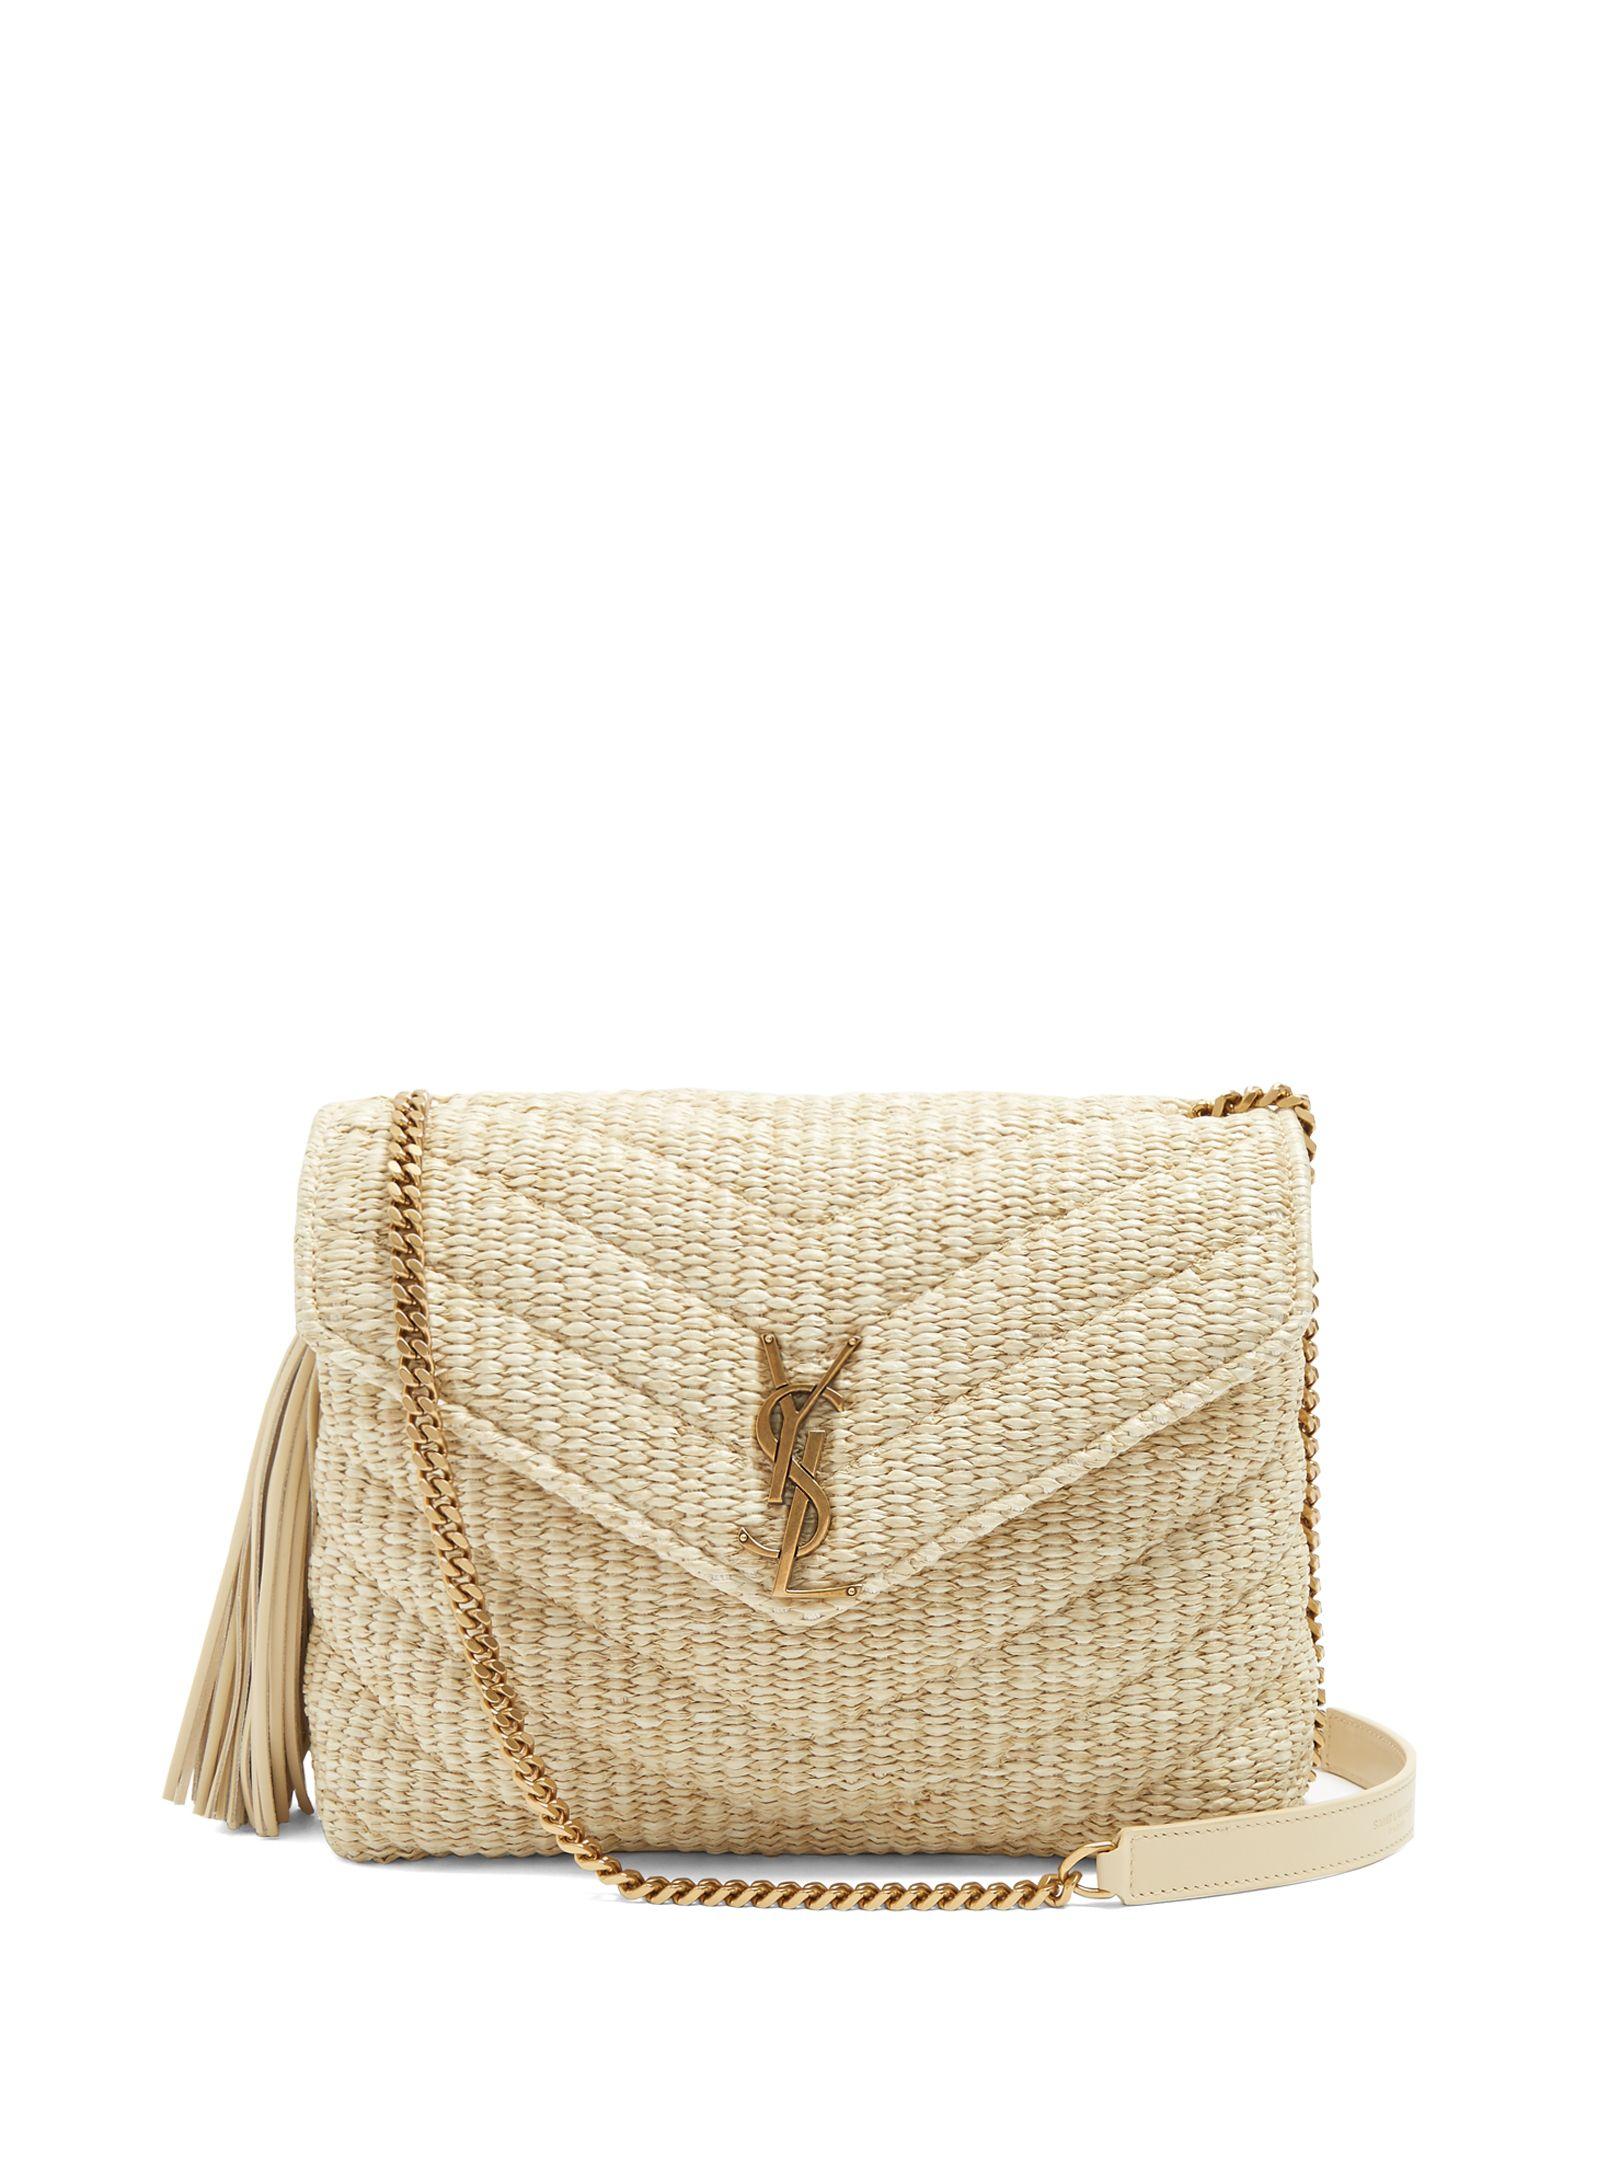 37b5aa4d27ca Saint Laurent - Monogram Small Soft raffia shoulder bag